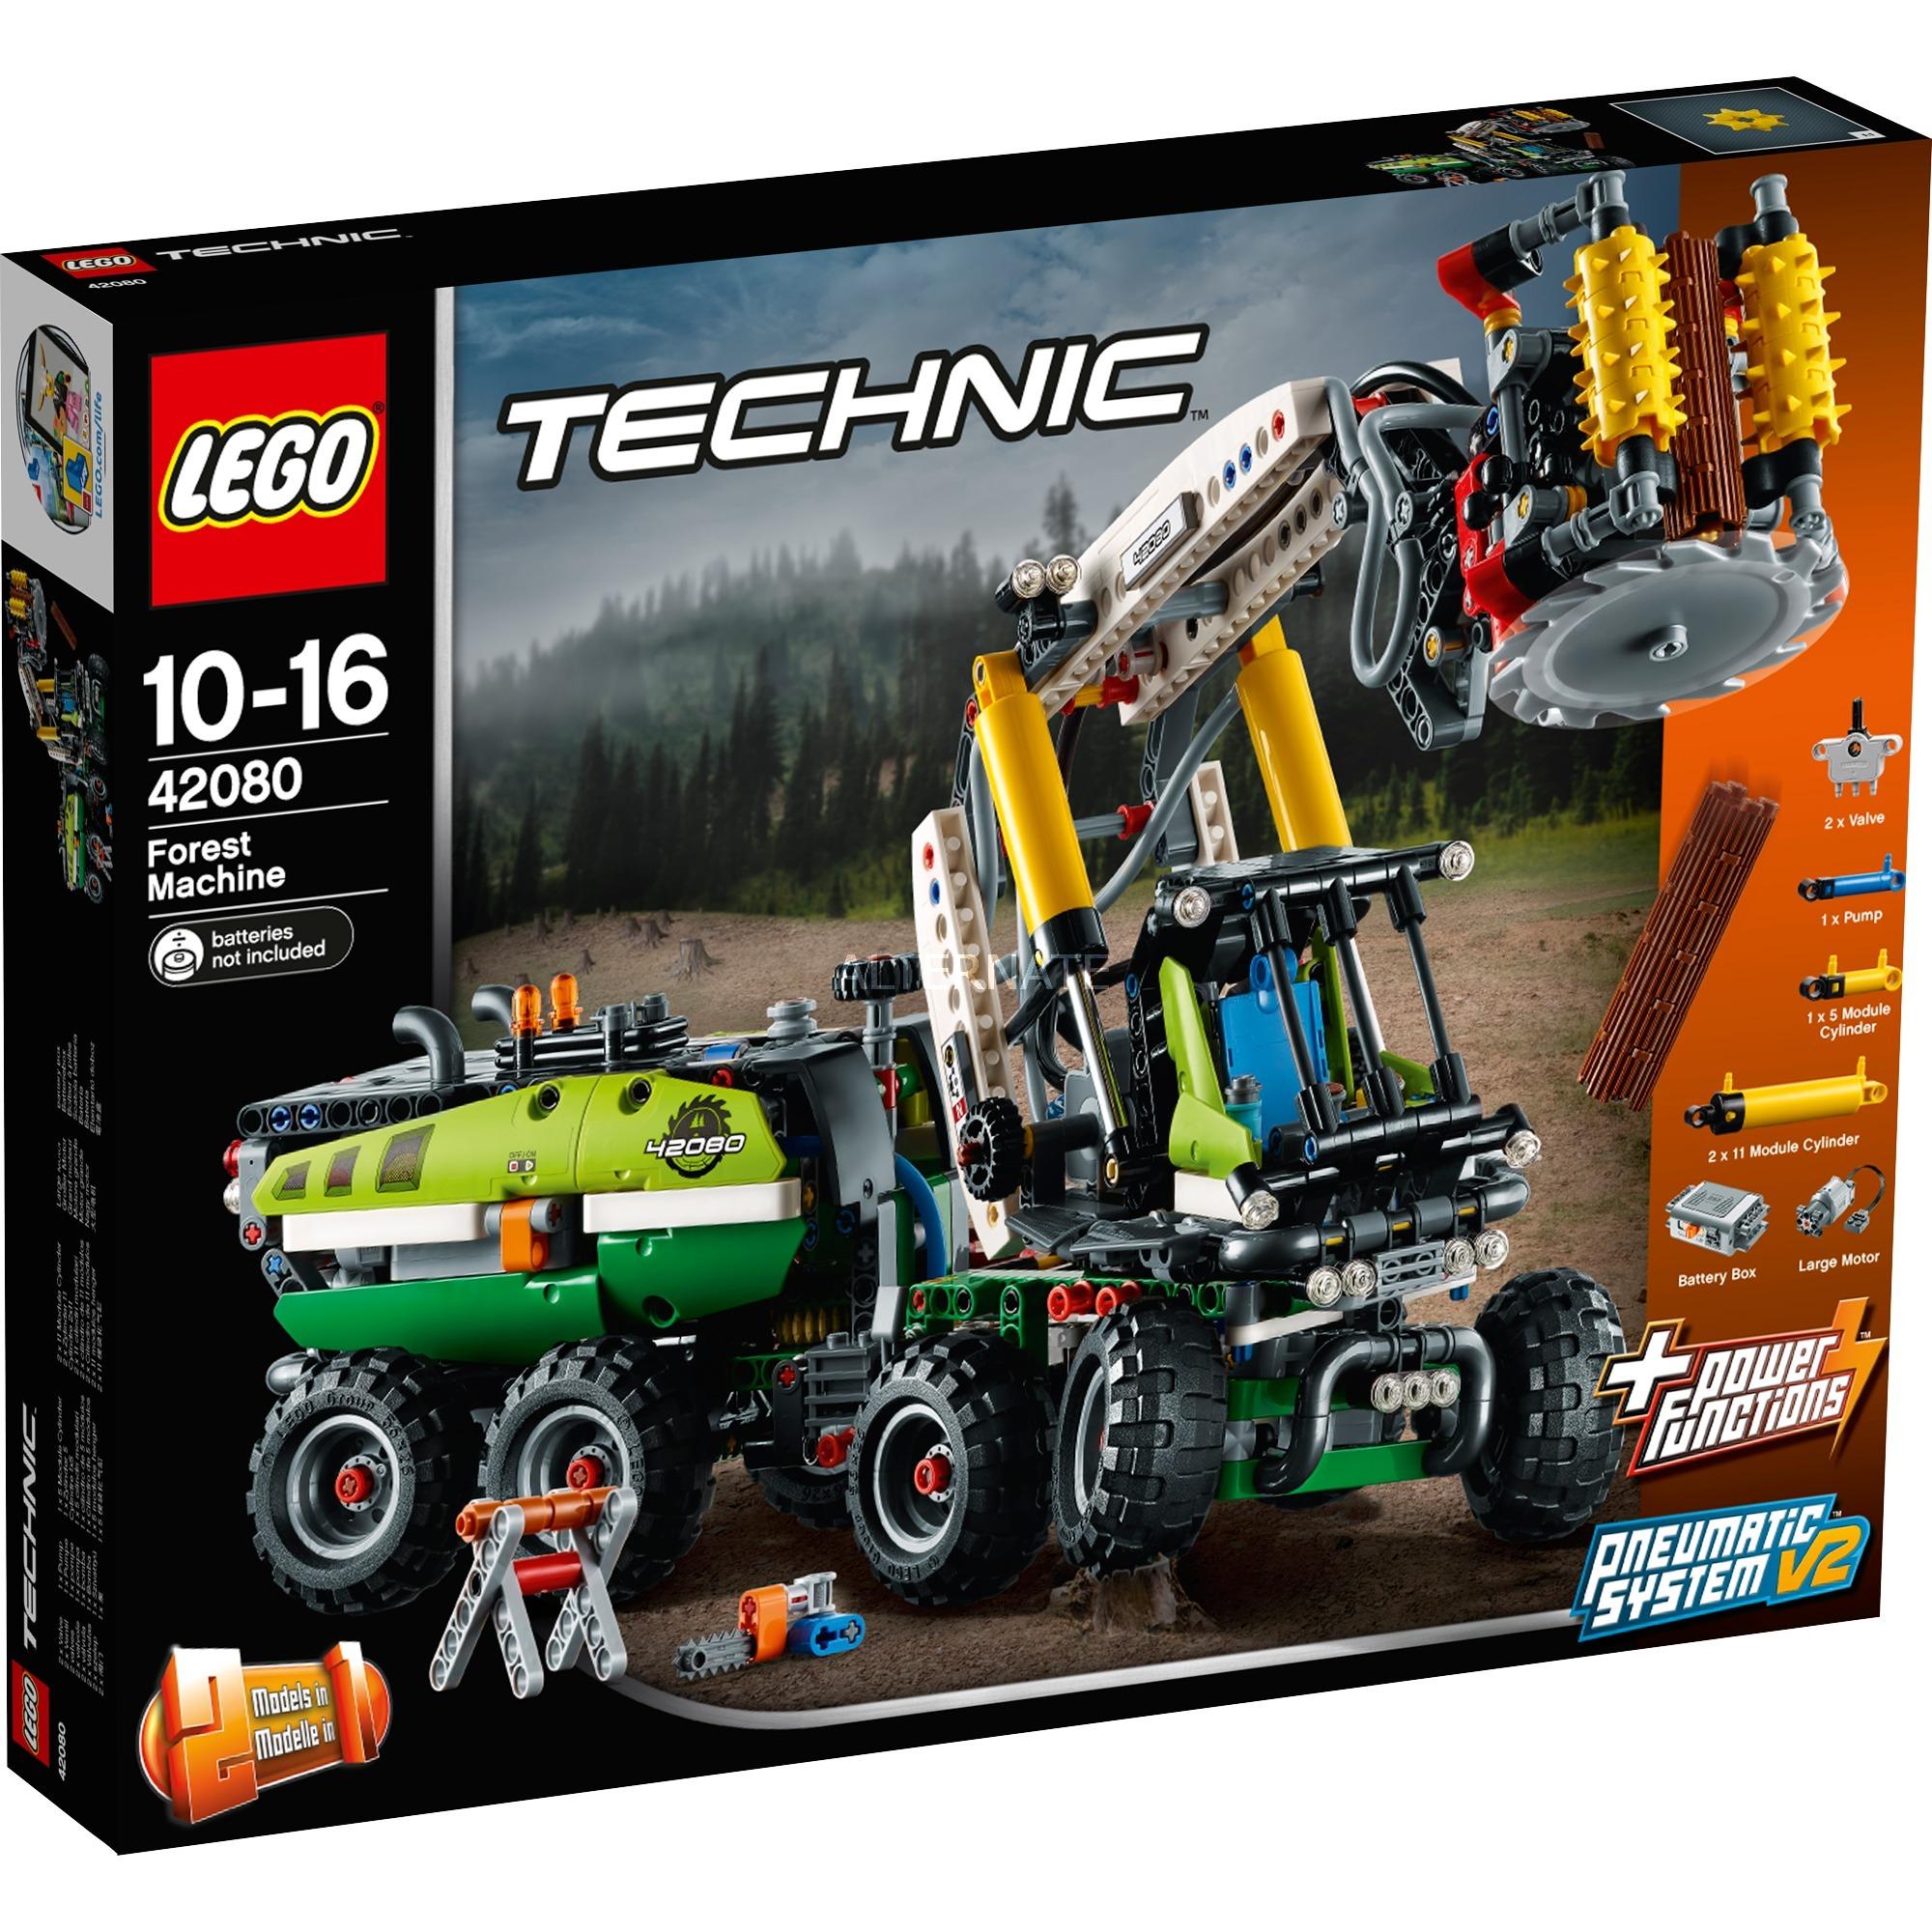 Technic 42080 Máquina forestal, Juegos de construcción